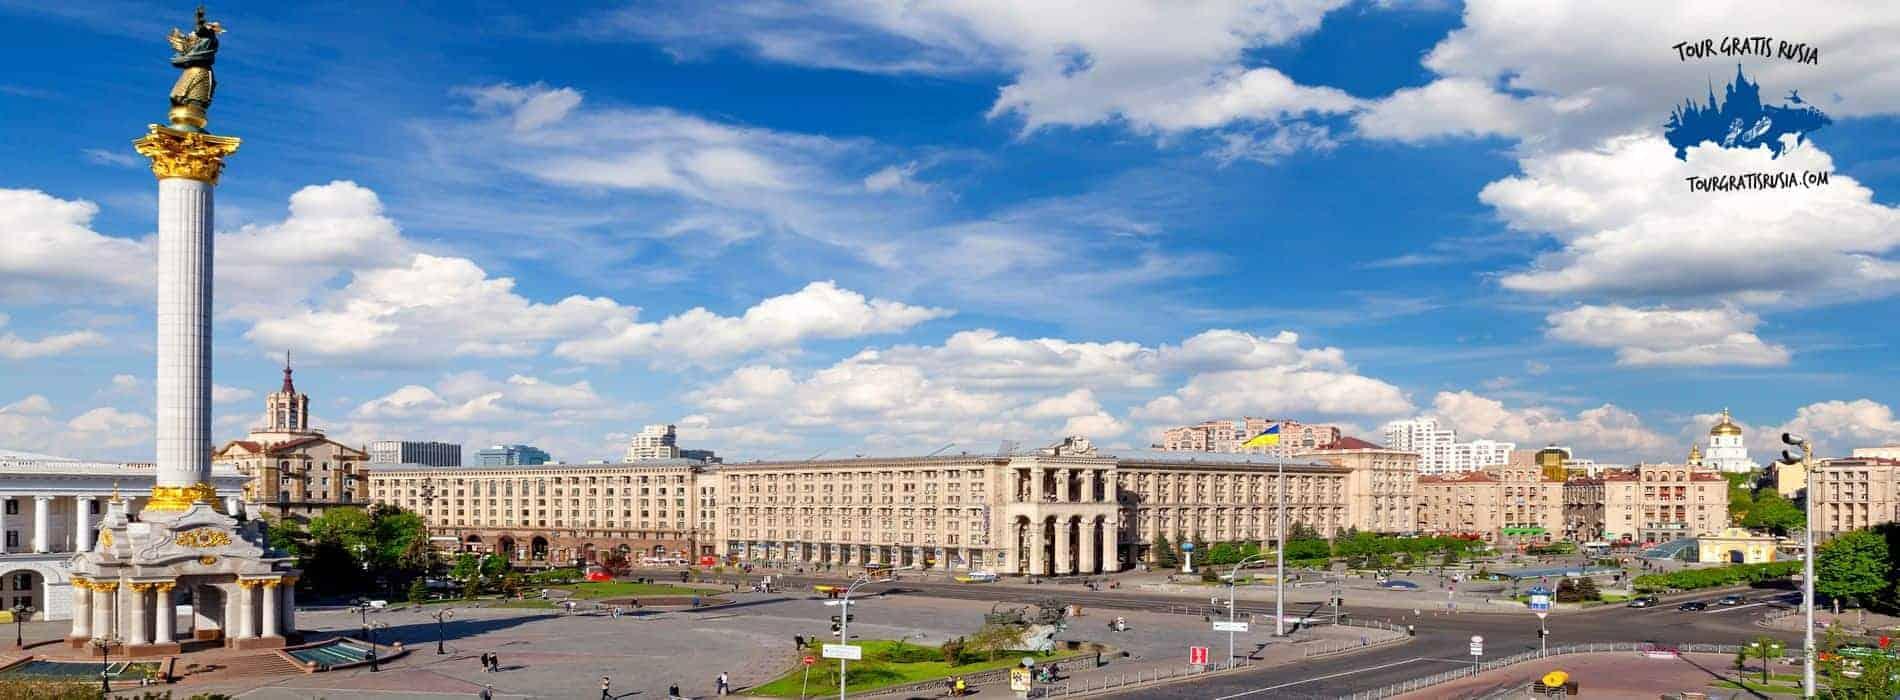 Tour centro histórico de Kiev